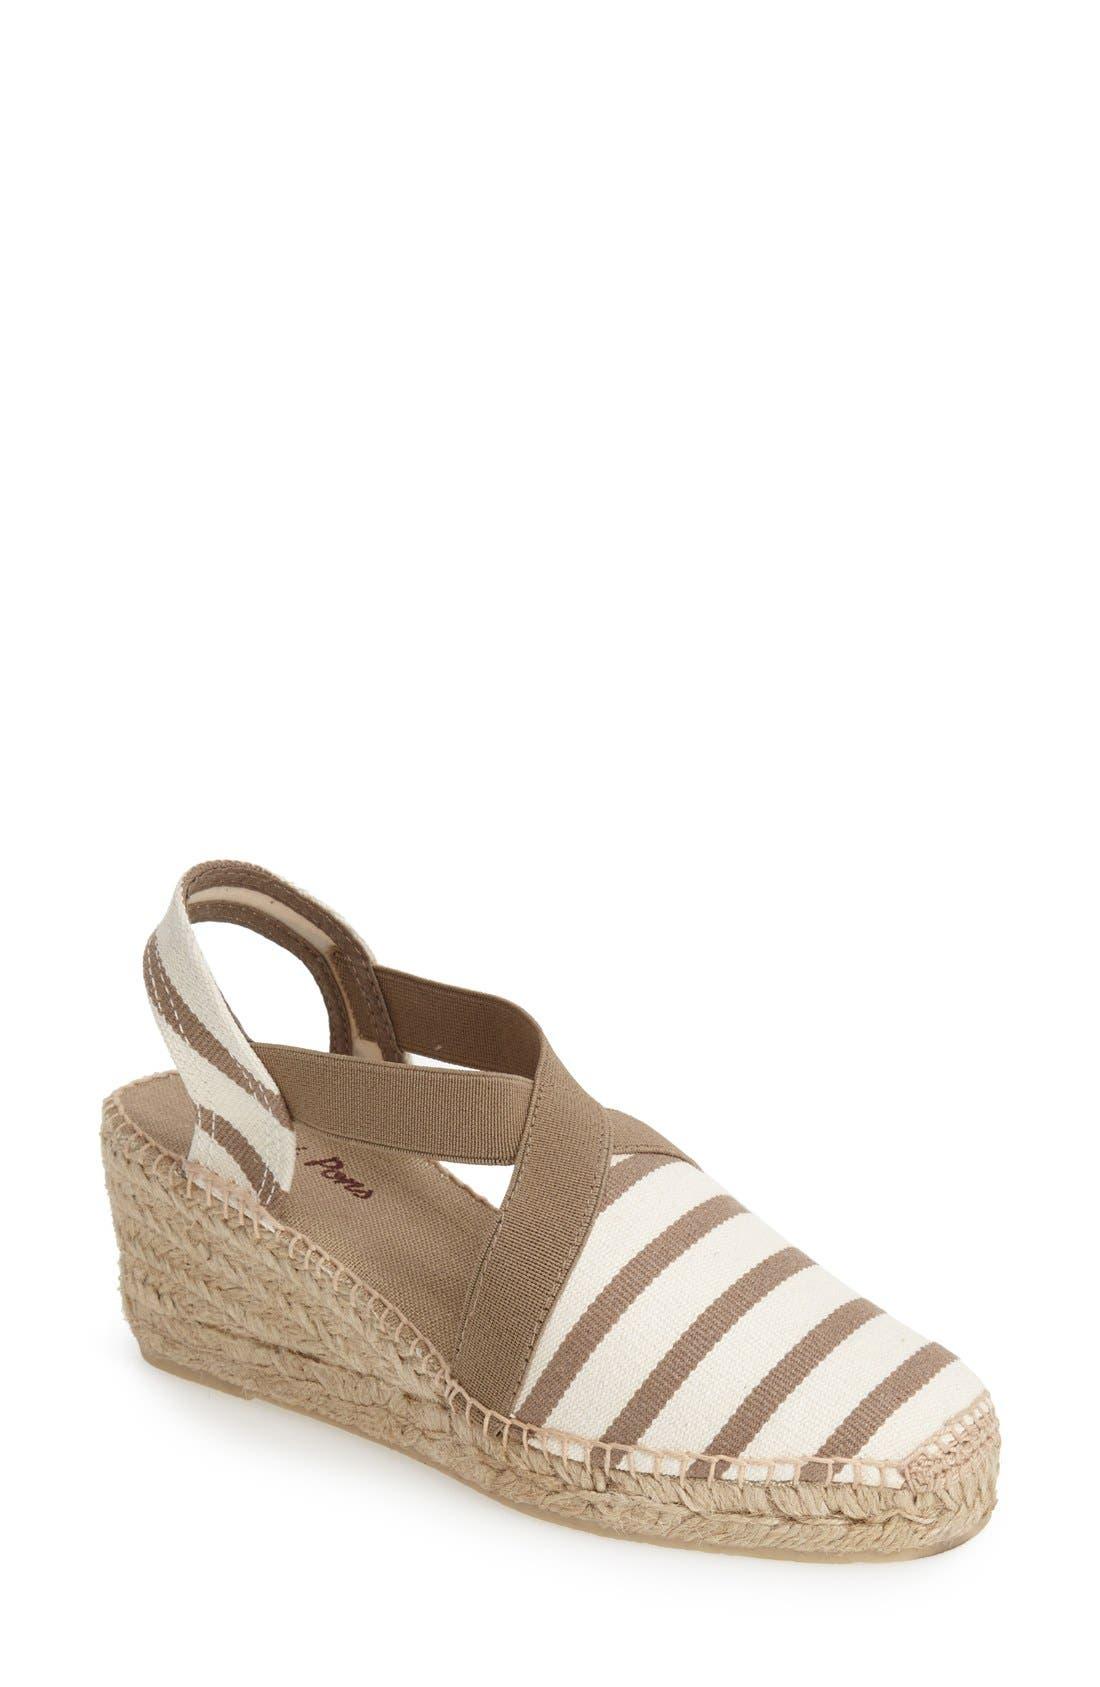 Vintage Sandals | Wedges, Espadrilles – 30s, 40s, 50s, 60s, 70s Womens Toni Pons Tarbes Espadrille Wedge Sandal Size 5.5-6US  36EU - Grey $72.00 AT vintagedancer.com